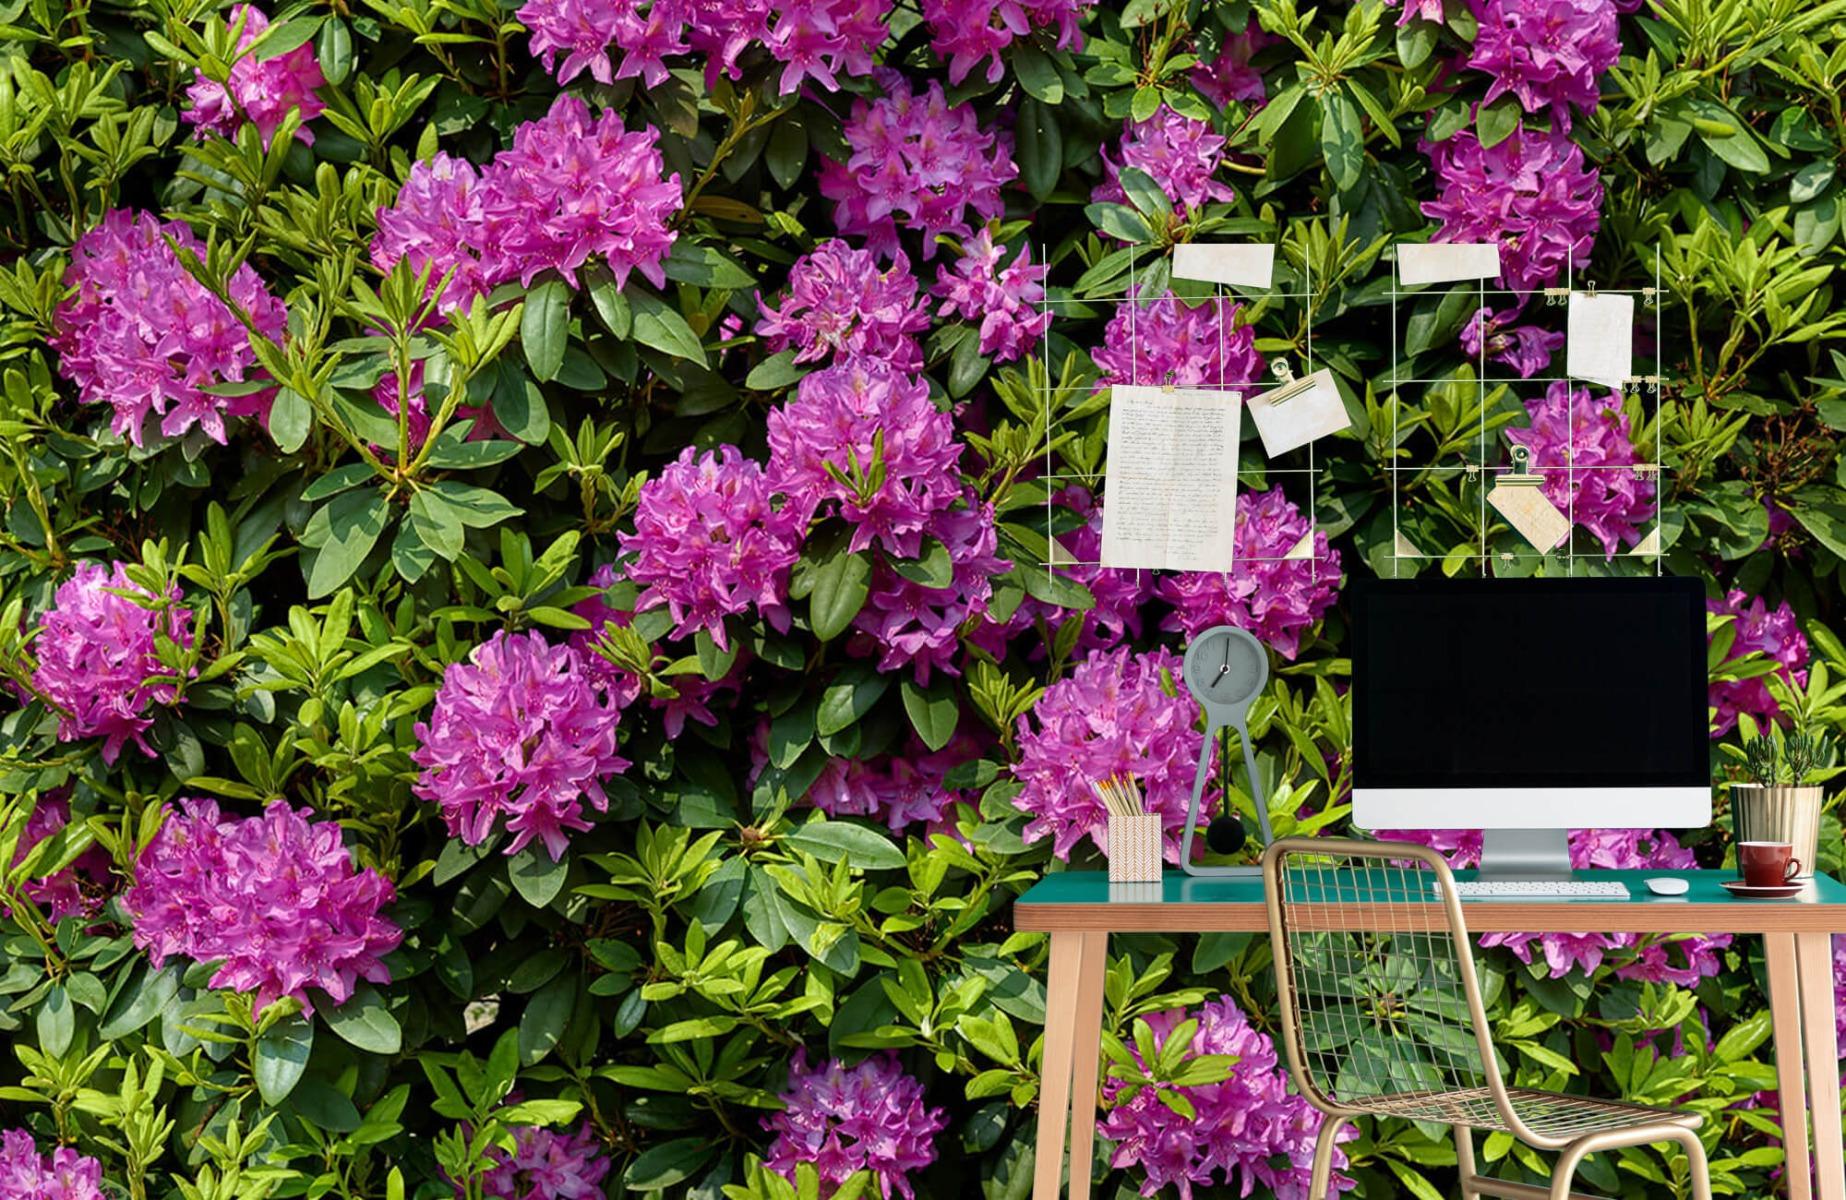 Bloemenvelden - Rododendrons - Wallexclusive - Slaapkamer 8